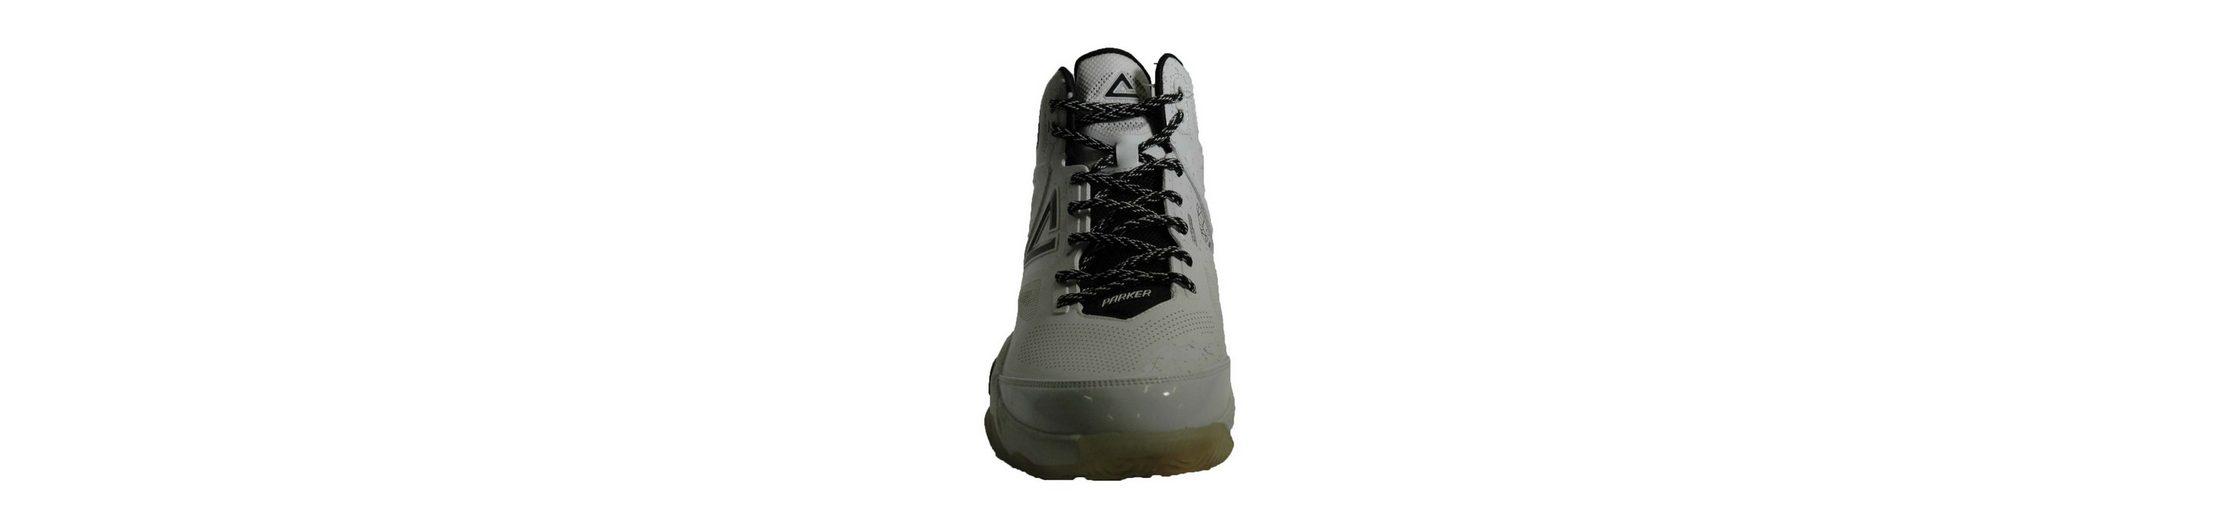 Preiswerte Neue PEAK Basketballschuhe Für Schön Steckdose Vorbestellung Wie Viel Günstig Online Günstig Kaufen Perfekt J4N98POYM